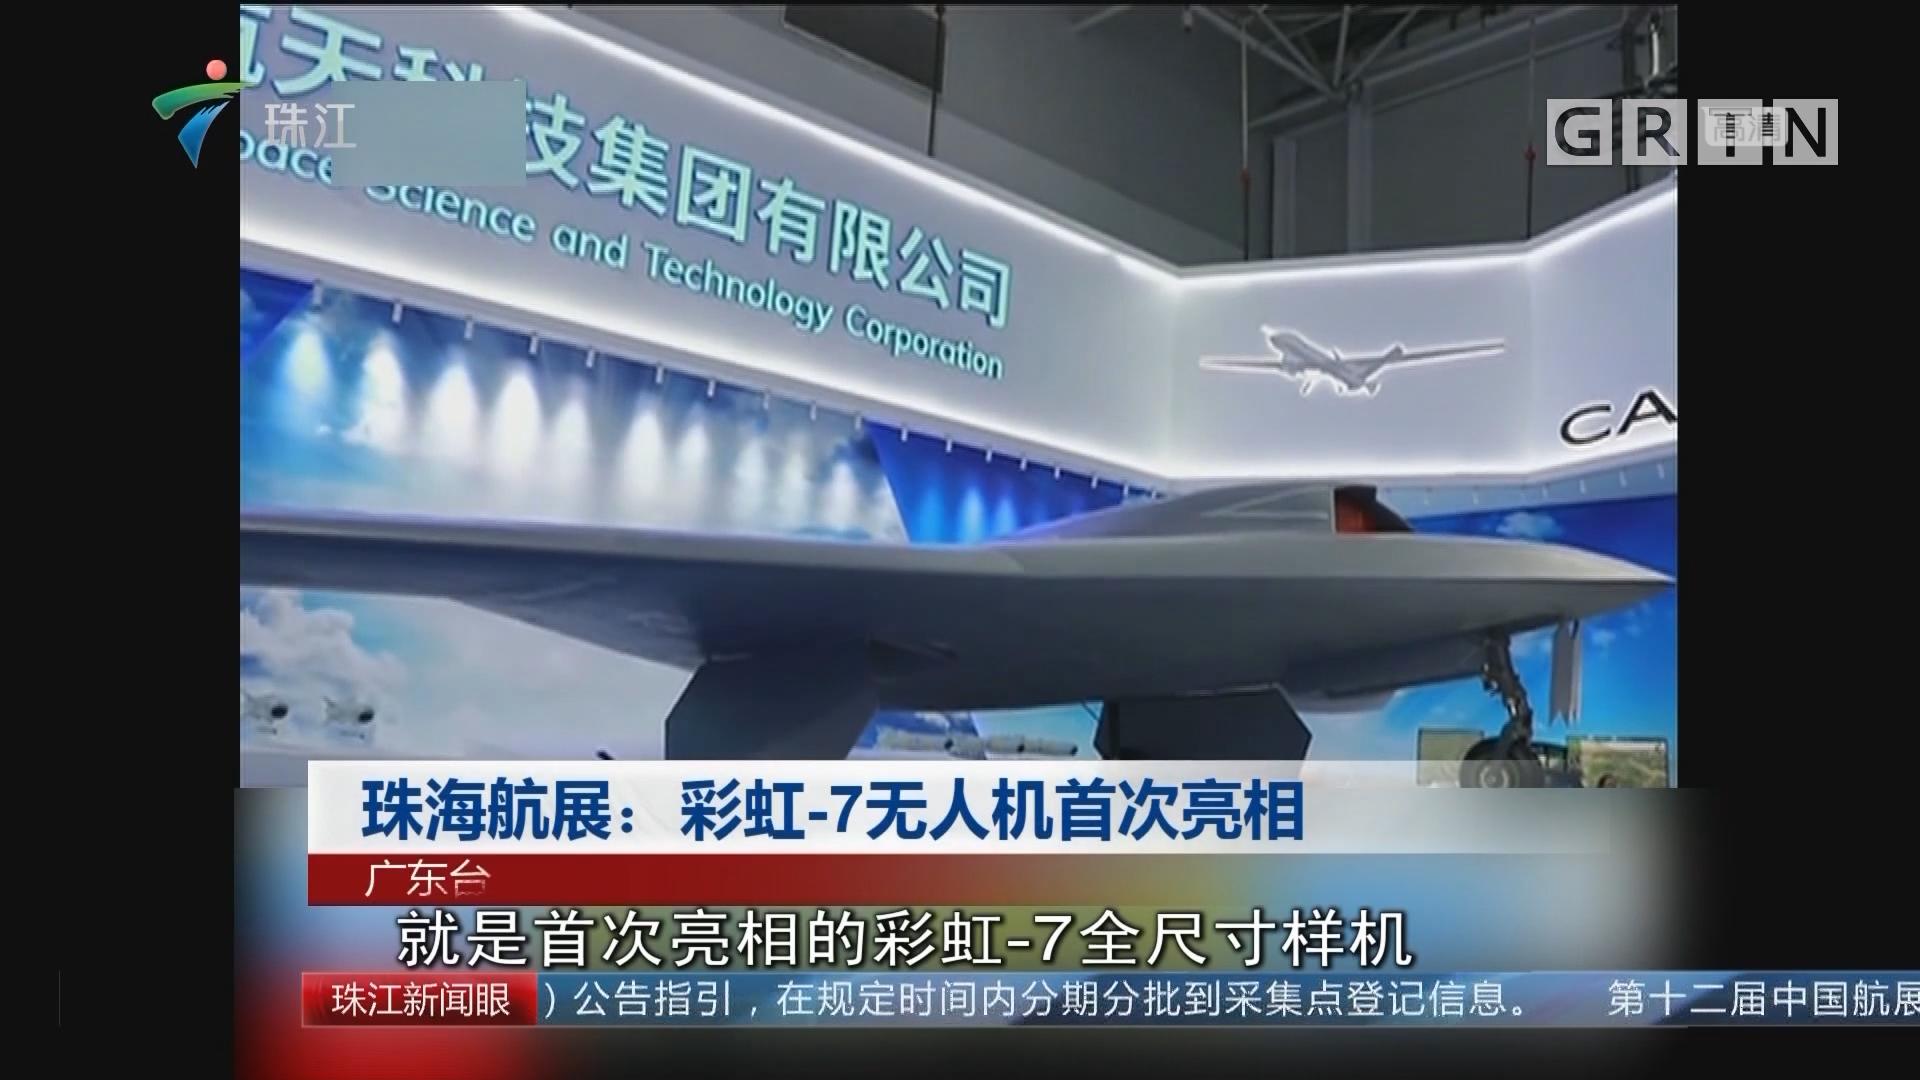 珠海航展:彩虹—7无人机首次亮相